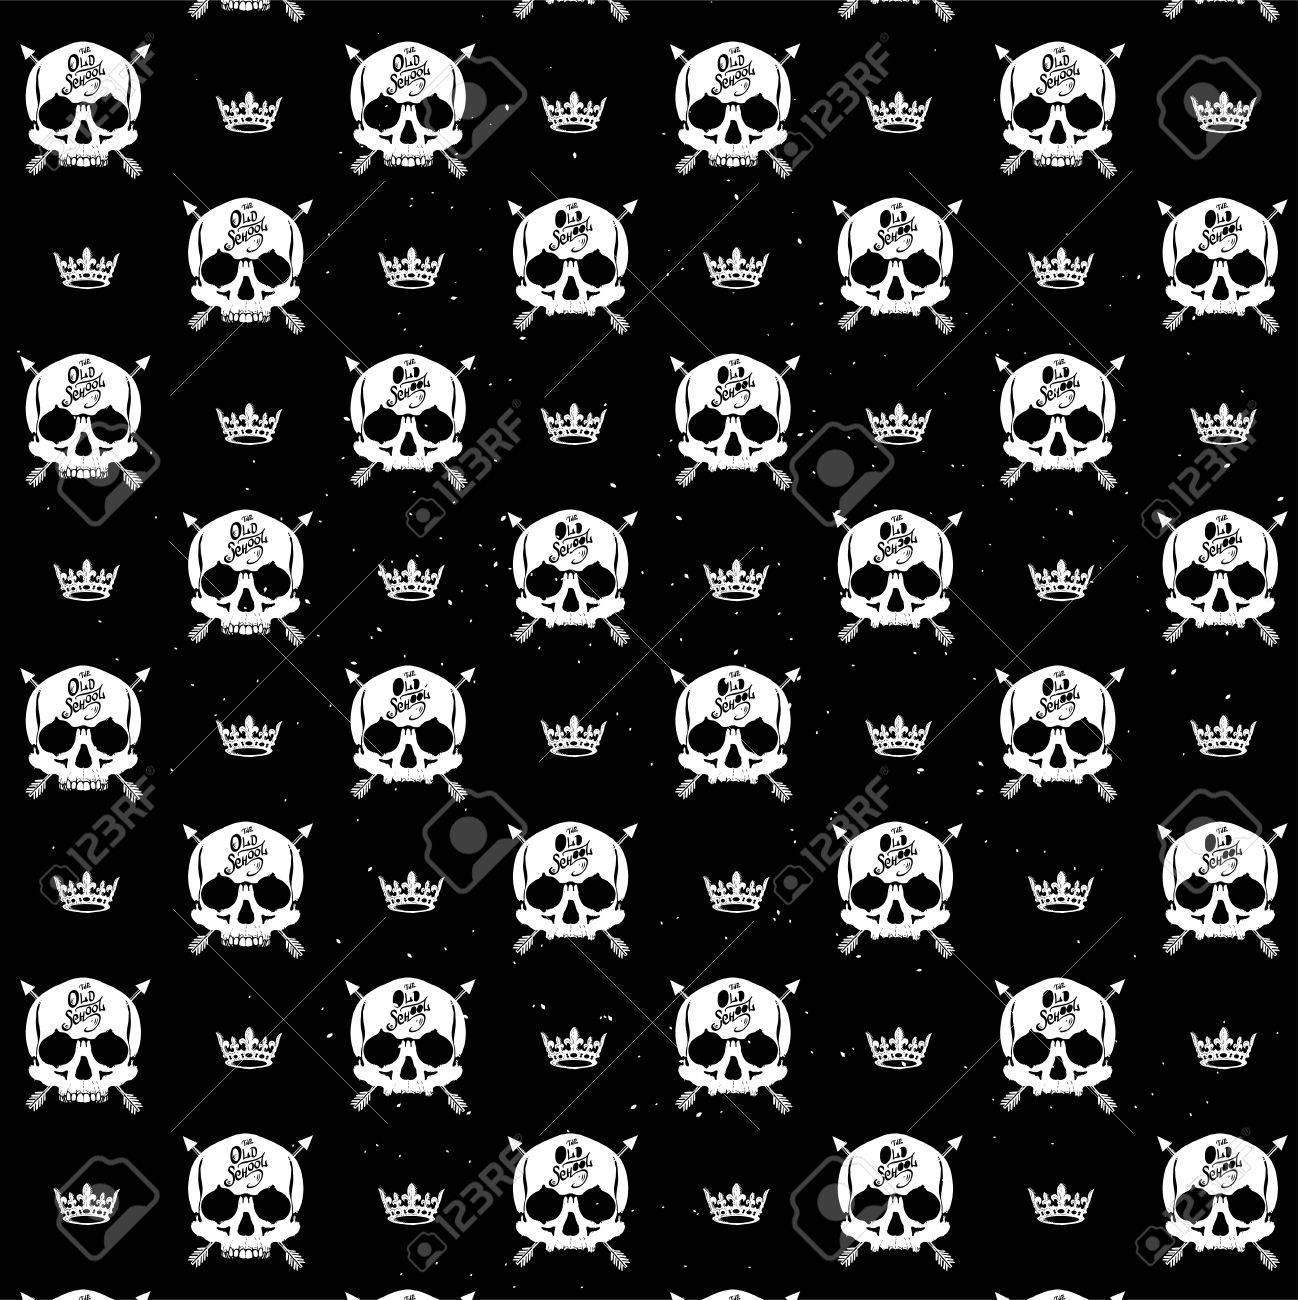 タトゥー パーラーのパターン海賊スカル壁紙のイラスト素材 ベクタ